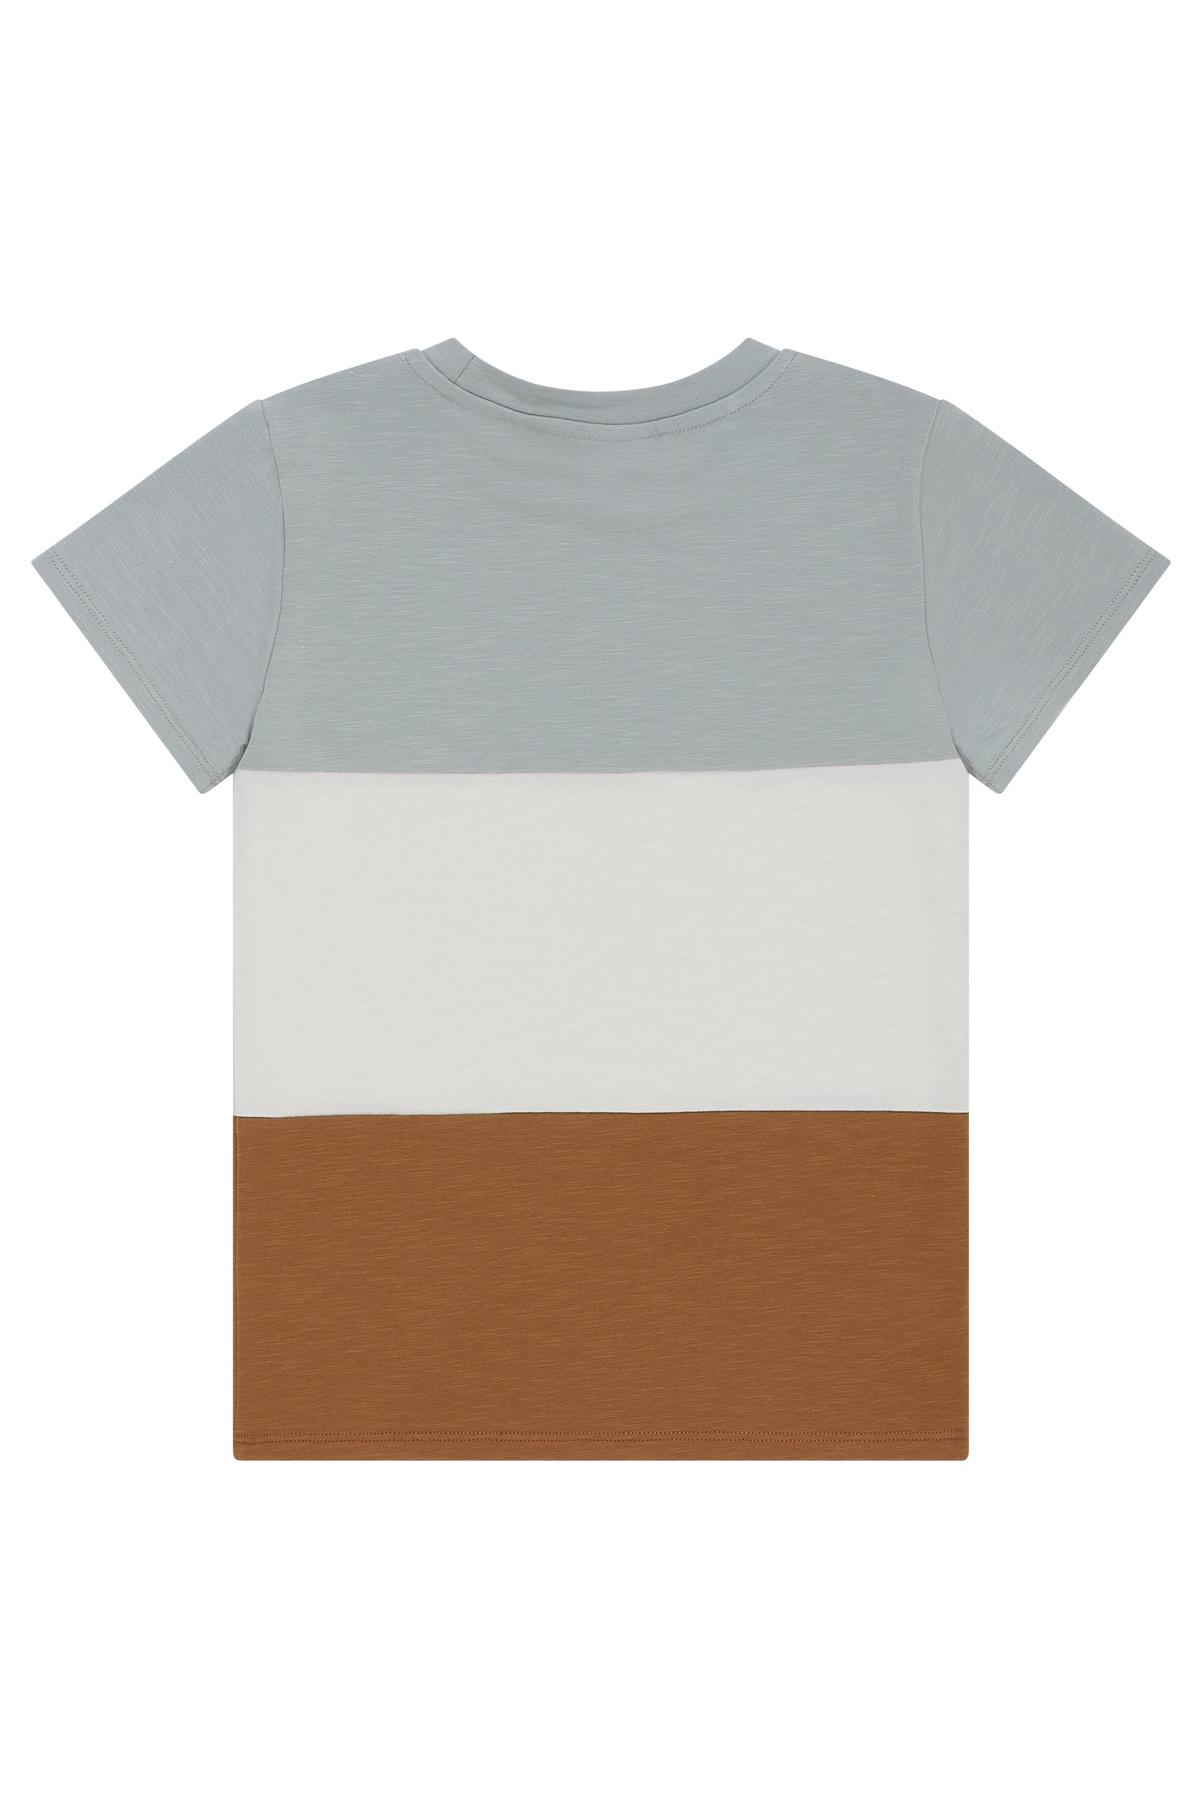 Bass t-shirt - Abyss-2